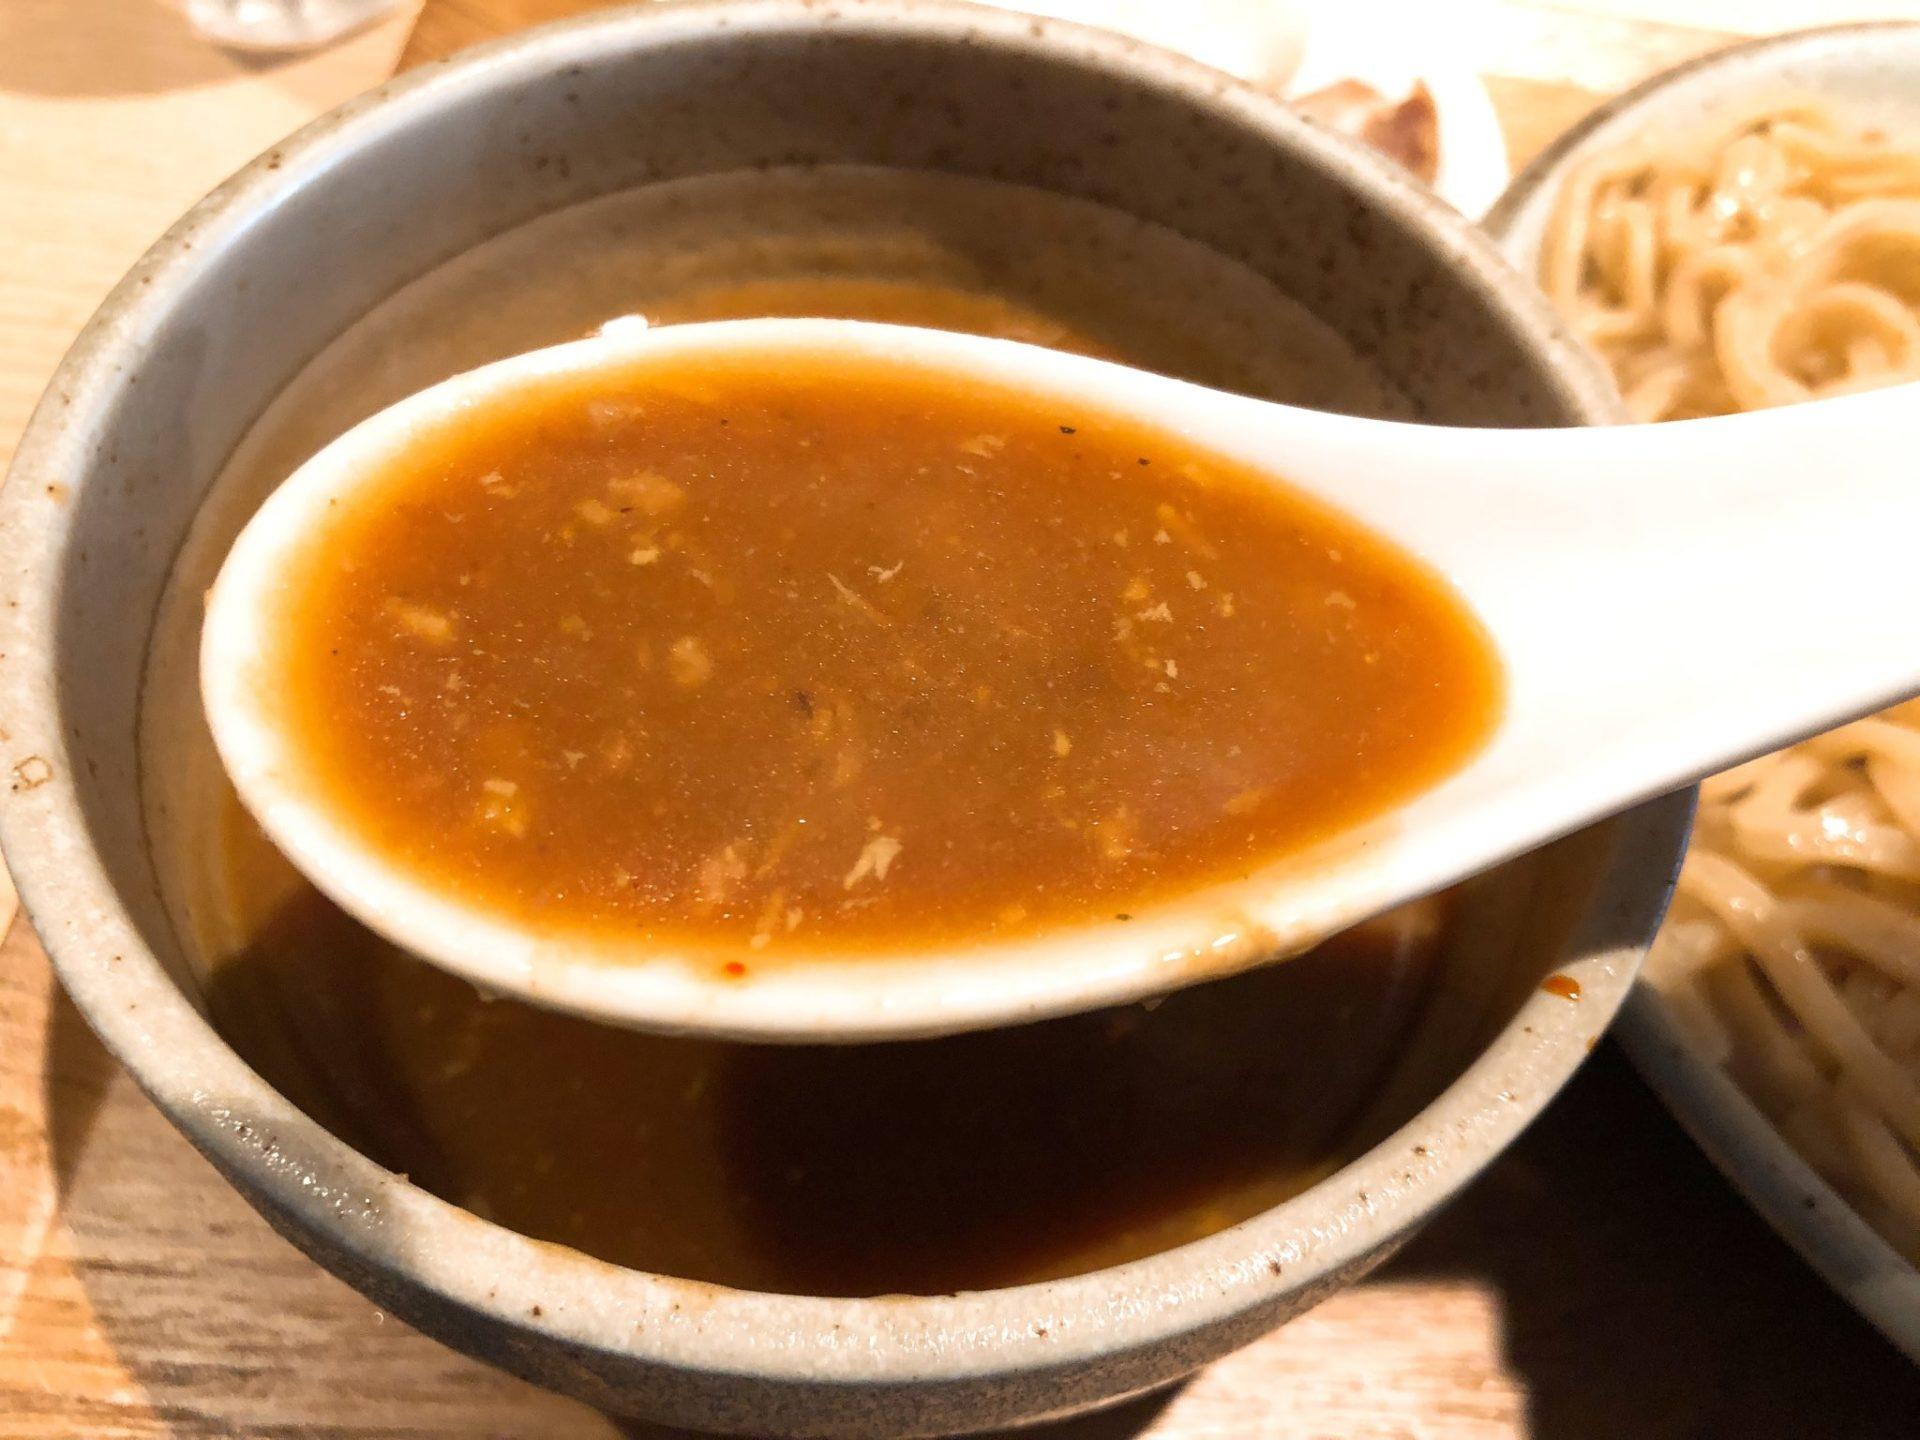 ボノボ 梅ヶ丘の渡り蟹のつけ麺のスープは濃厚